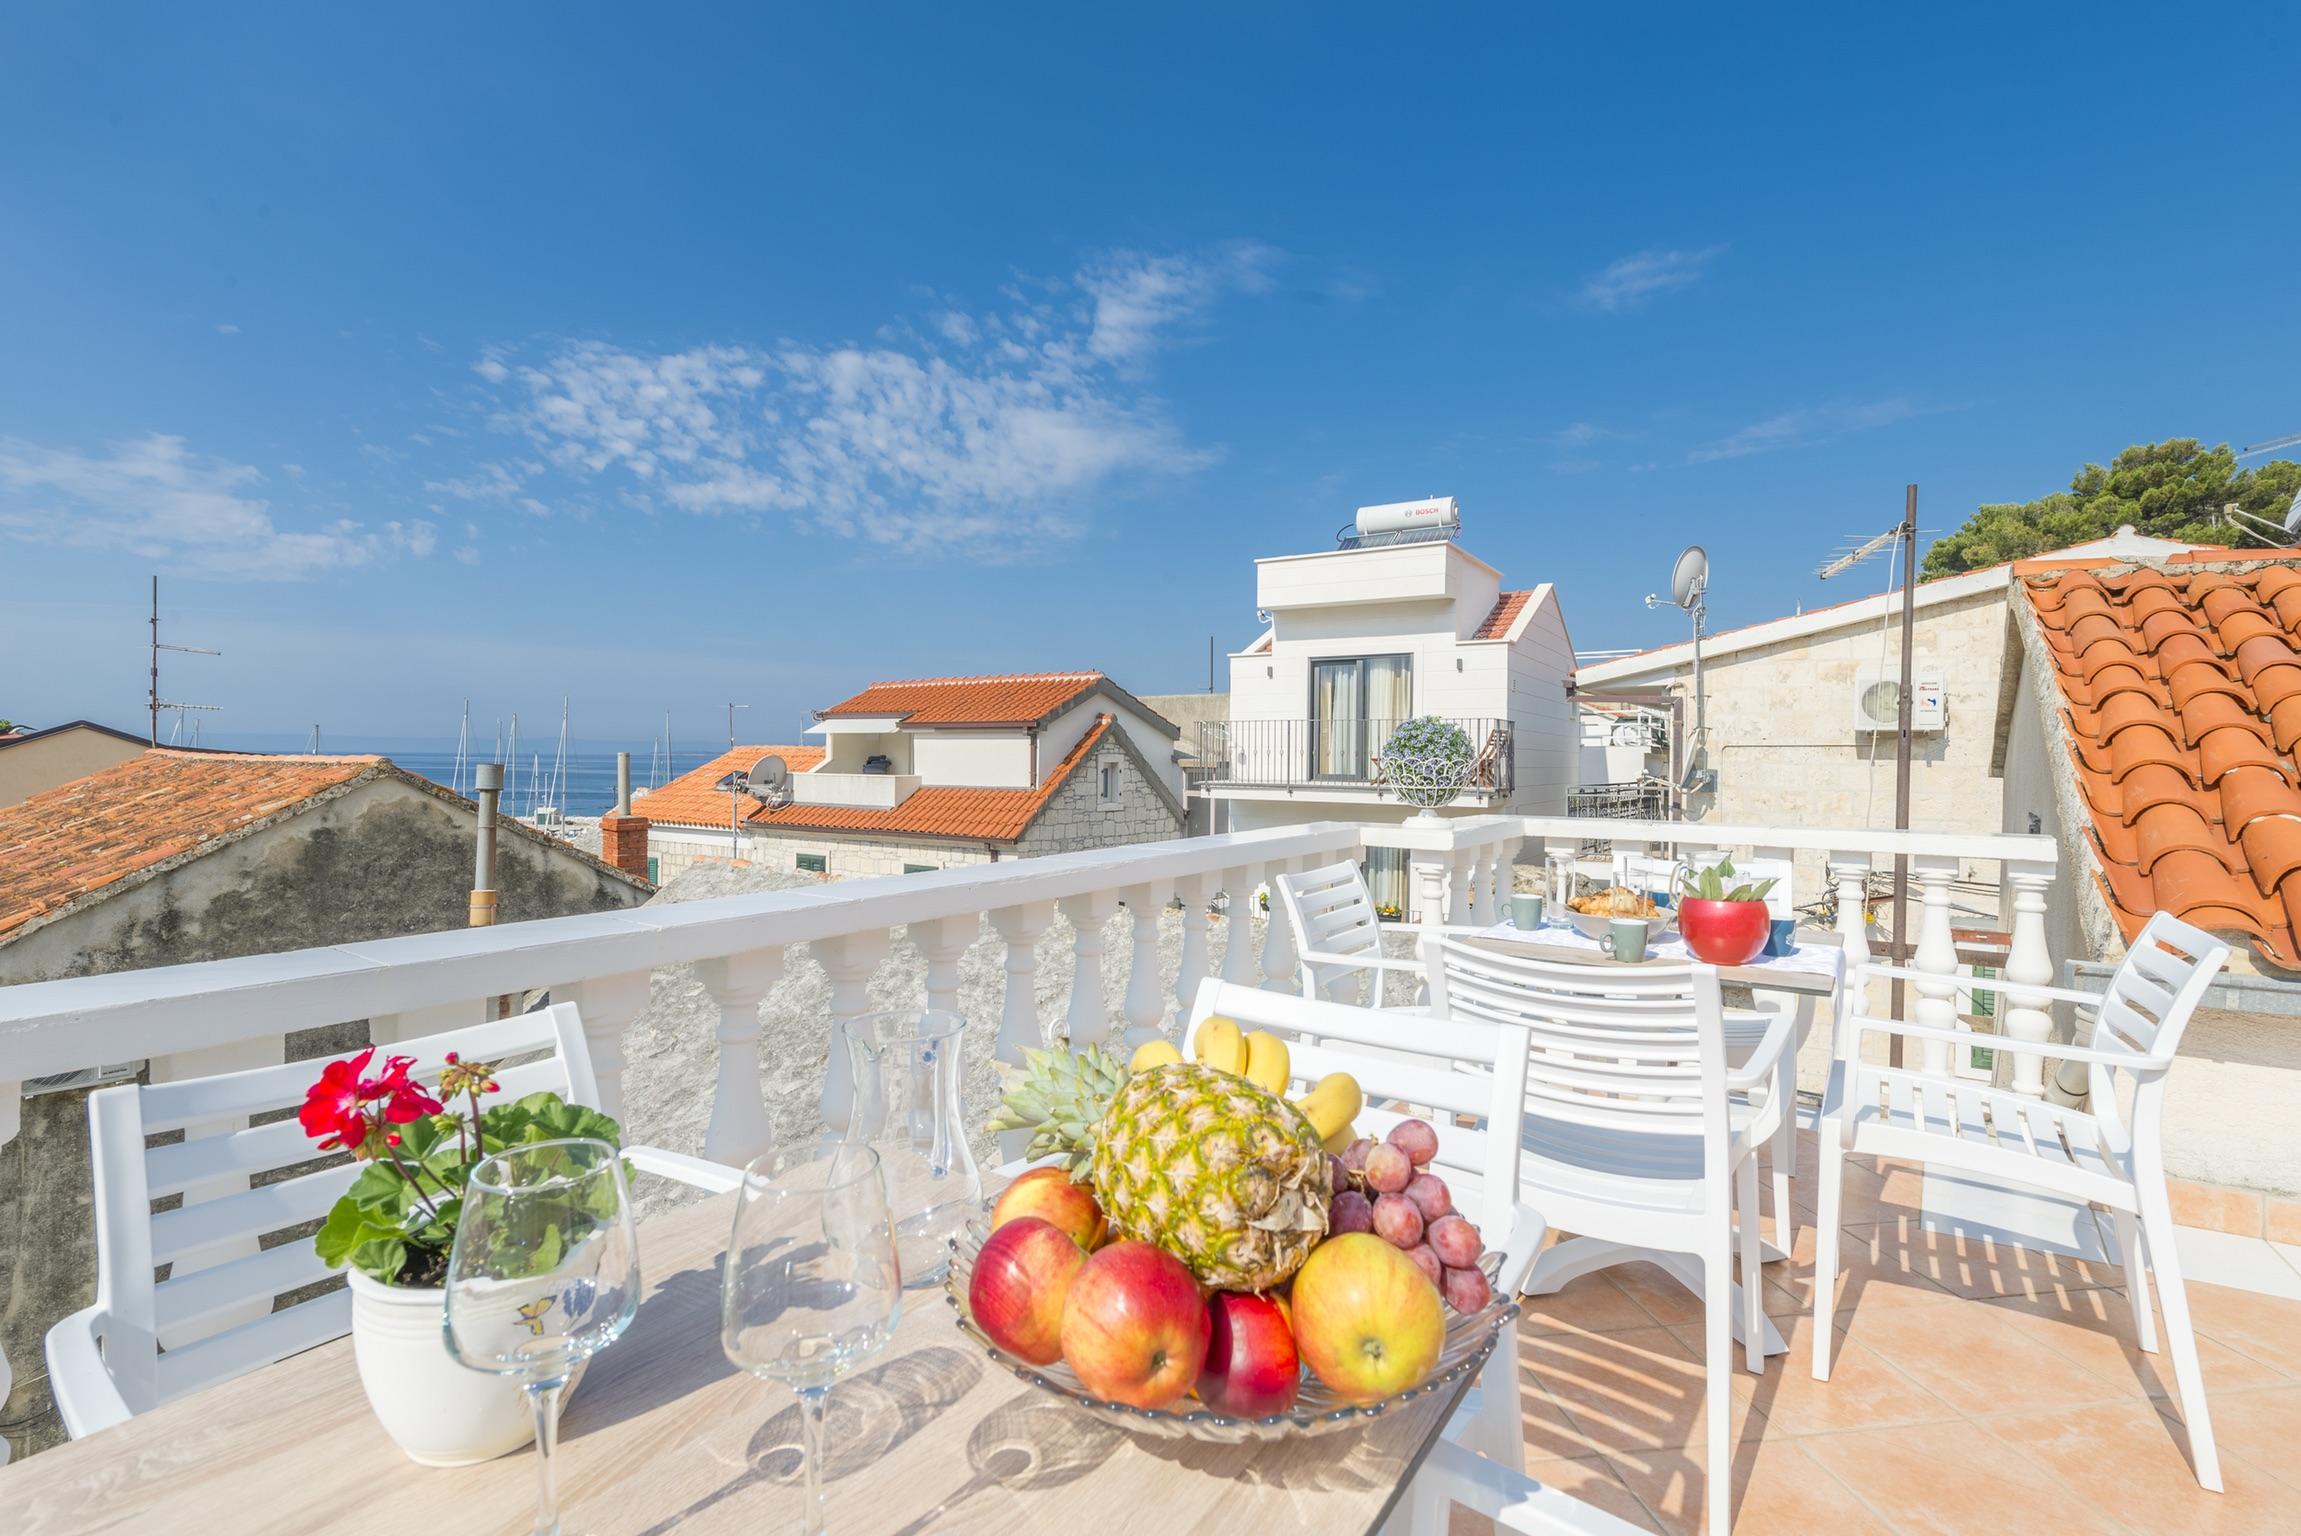 Ferienwohnung Wohnung mit 2 Zimmern in Baaka Voda mit herrlichem Meerblick, möblierter Terrasse und W-L (2201397), Baška Voda, , Dalmatien, Kroatien, Bild 13